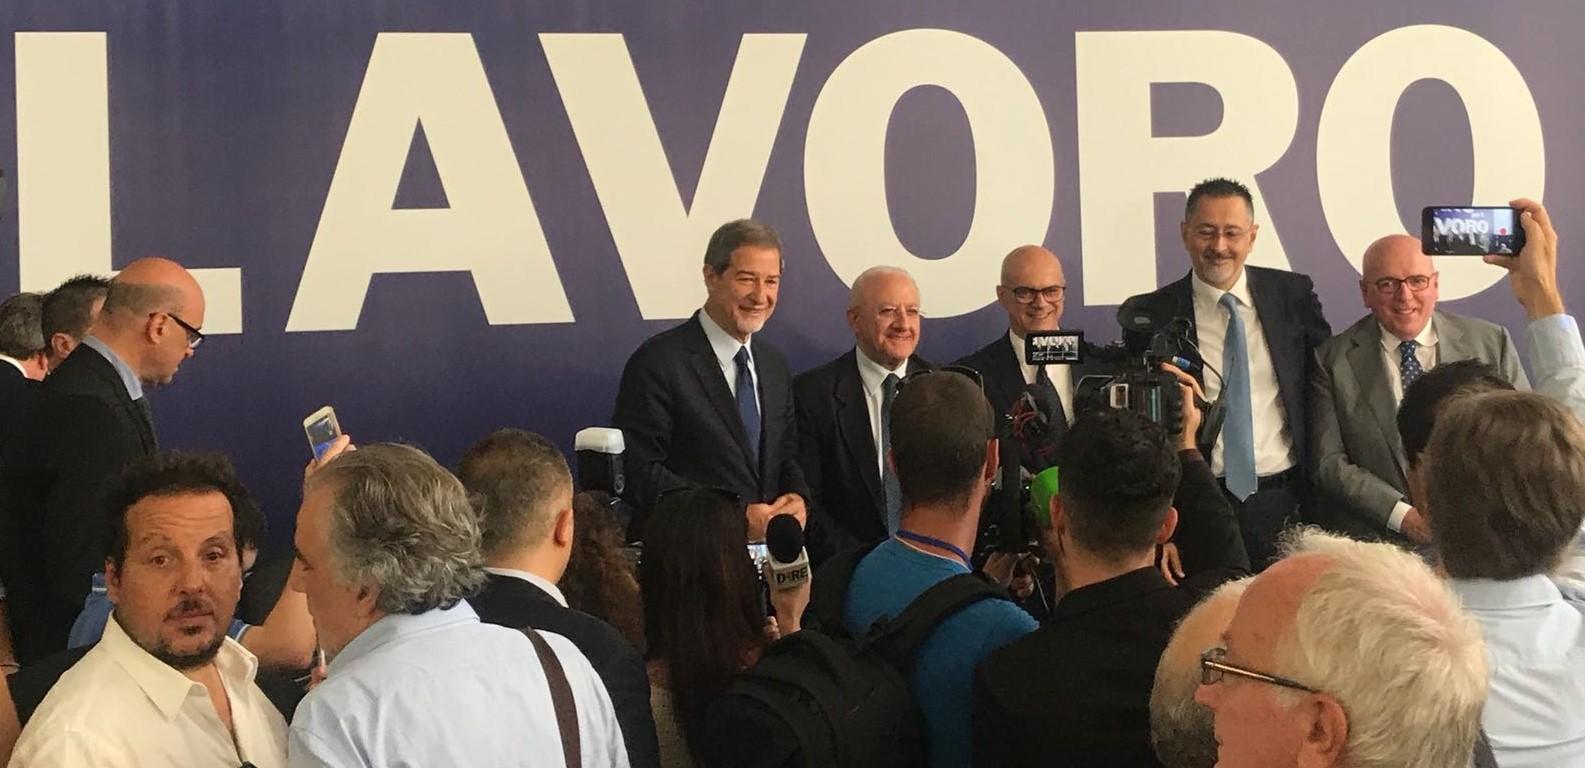 Toma a Napoli lancia la proposta del Consiglio dei presidenti delle regioni meridionali